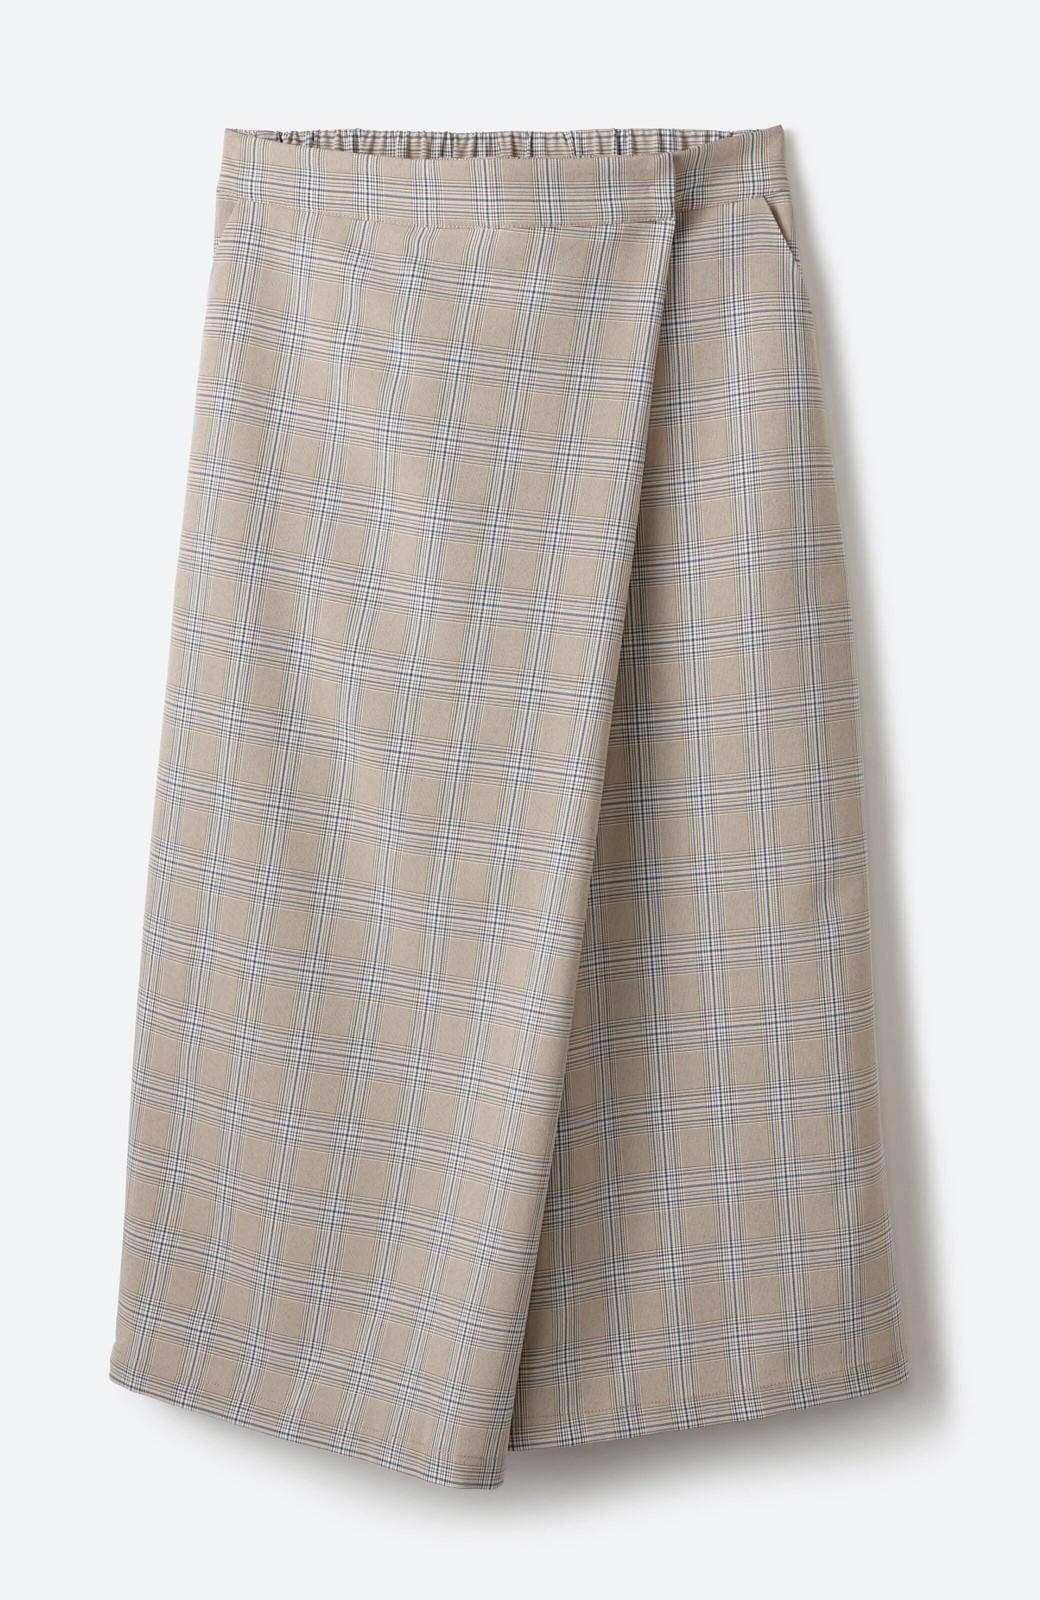 haco! 動きやすいのにちゃんと女子見え スカートみたいな華やかチェックパンツ <ブラウン系その他>の商品写真2